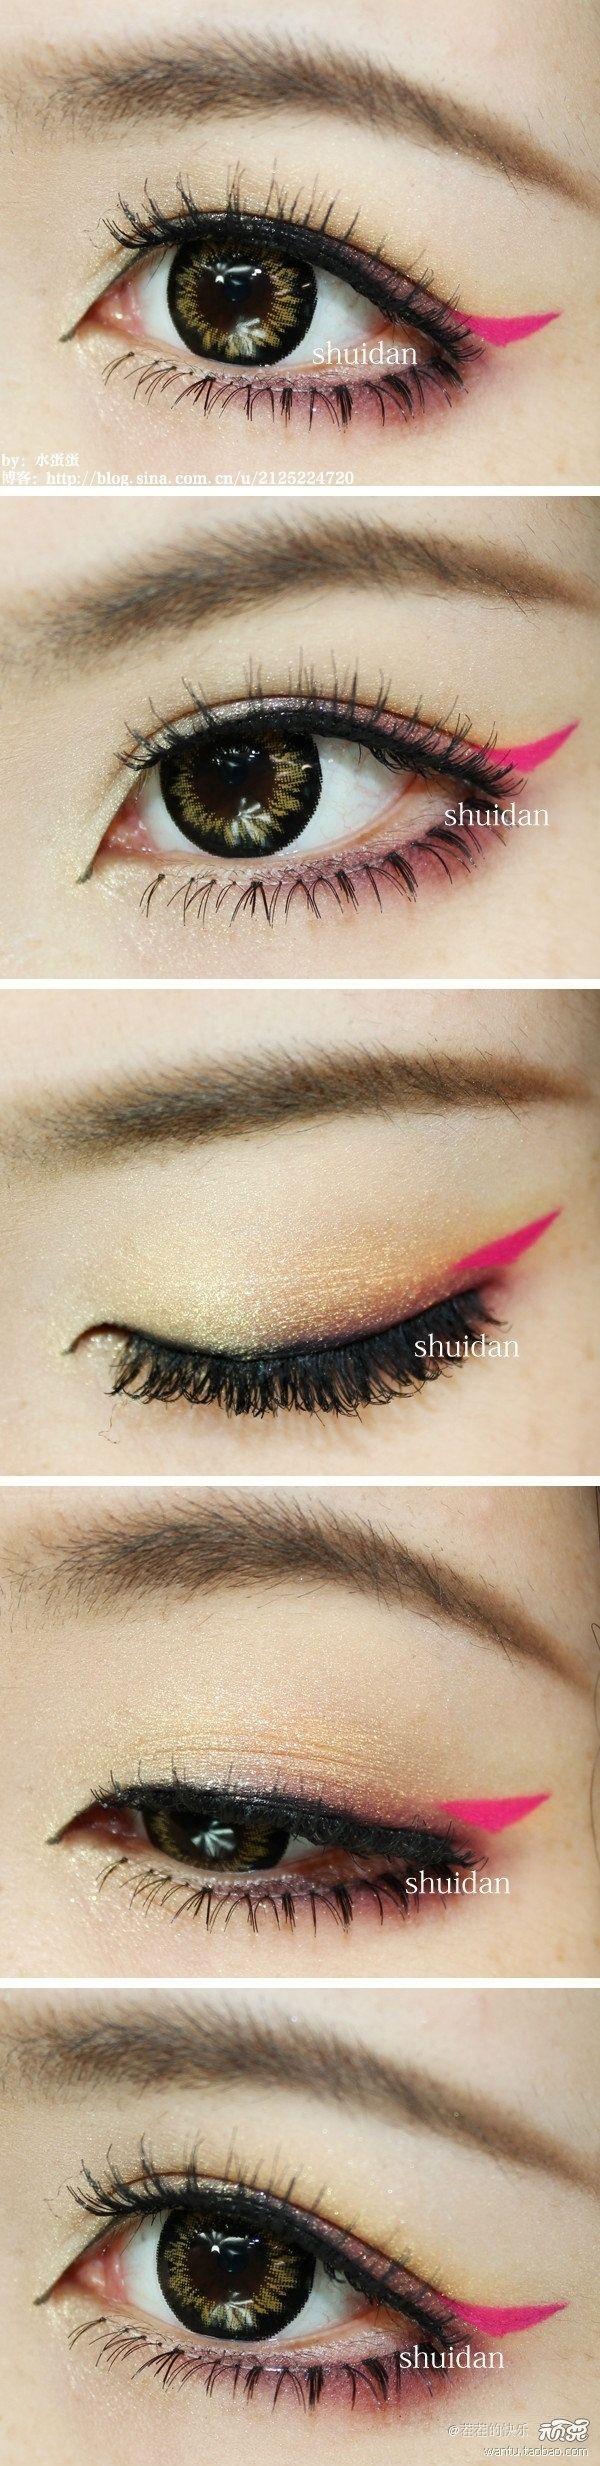 Añade una pequeña cola de color rosado fuerte en las esquinas. | 19 Ideas asombrosas de maquillaje para asiáticas